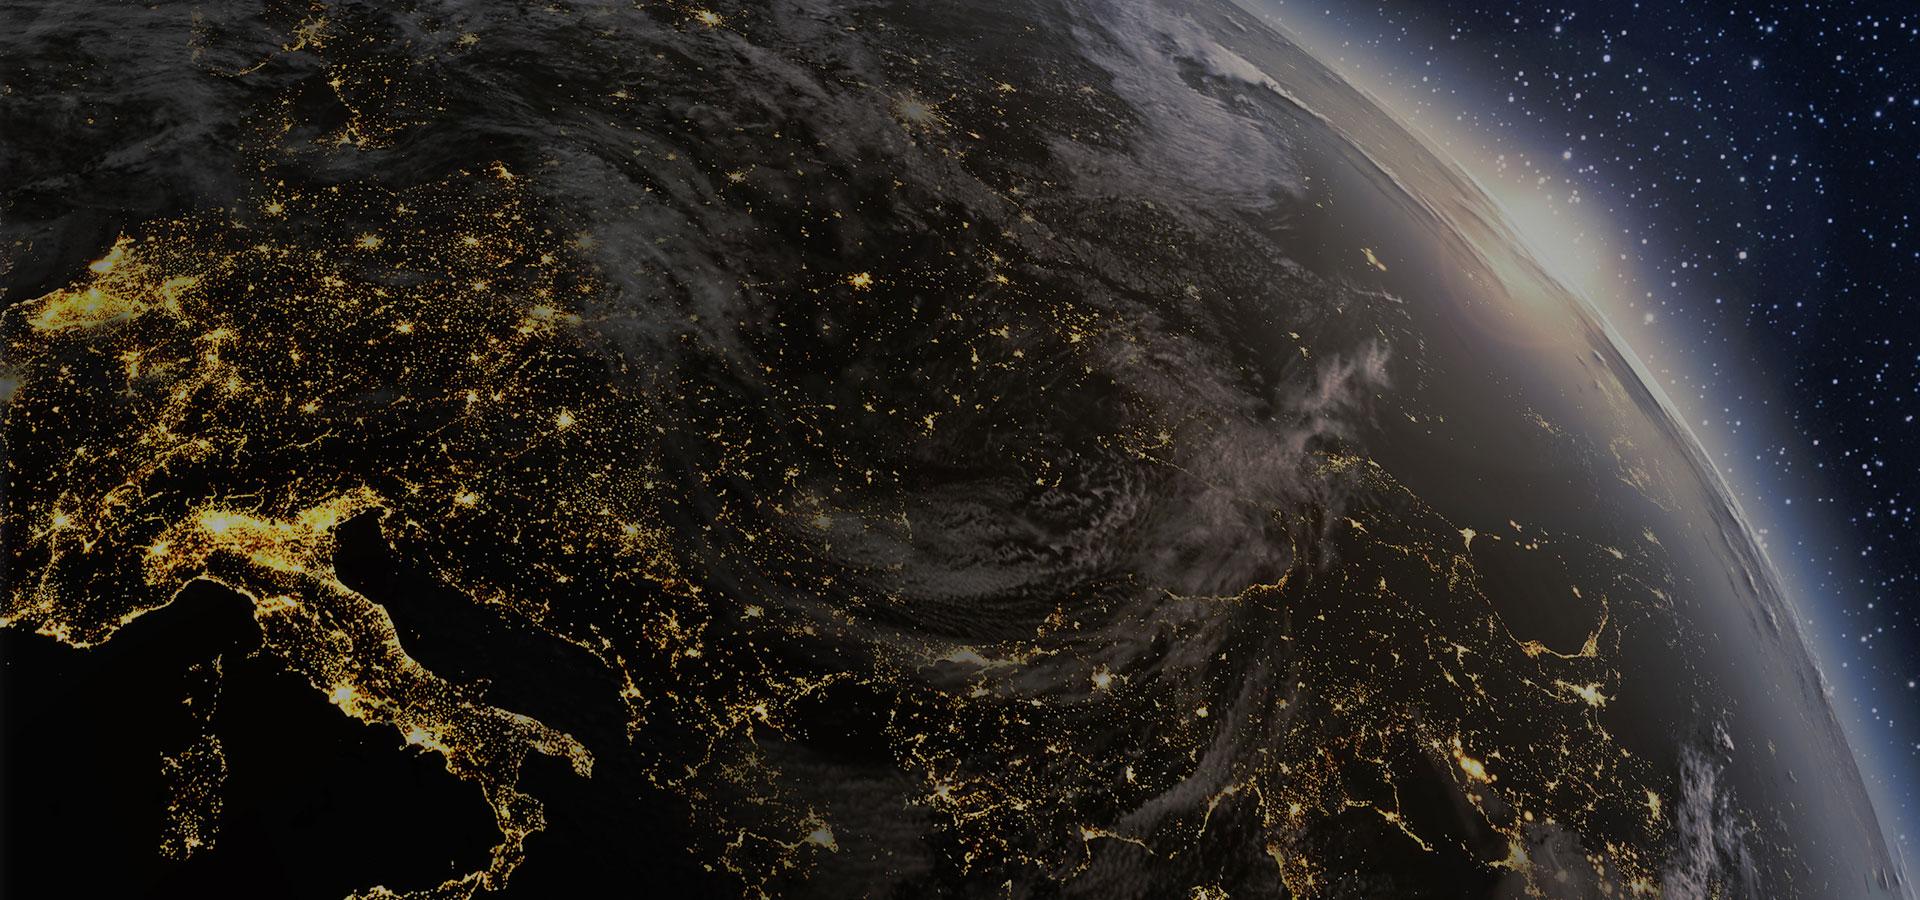 Глобальный отказ от 2G и 3G: что мы знаем и к чему это может привести